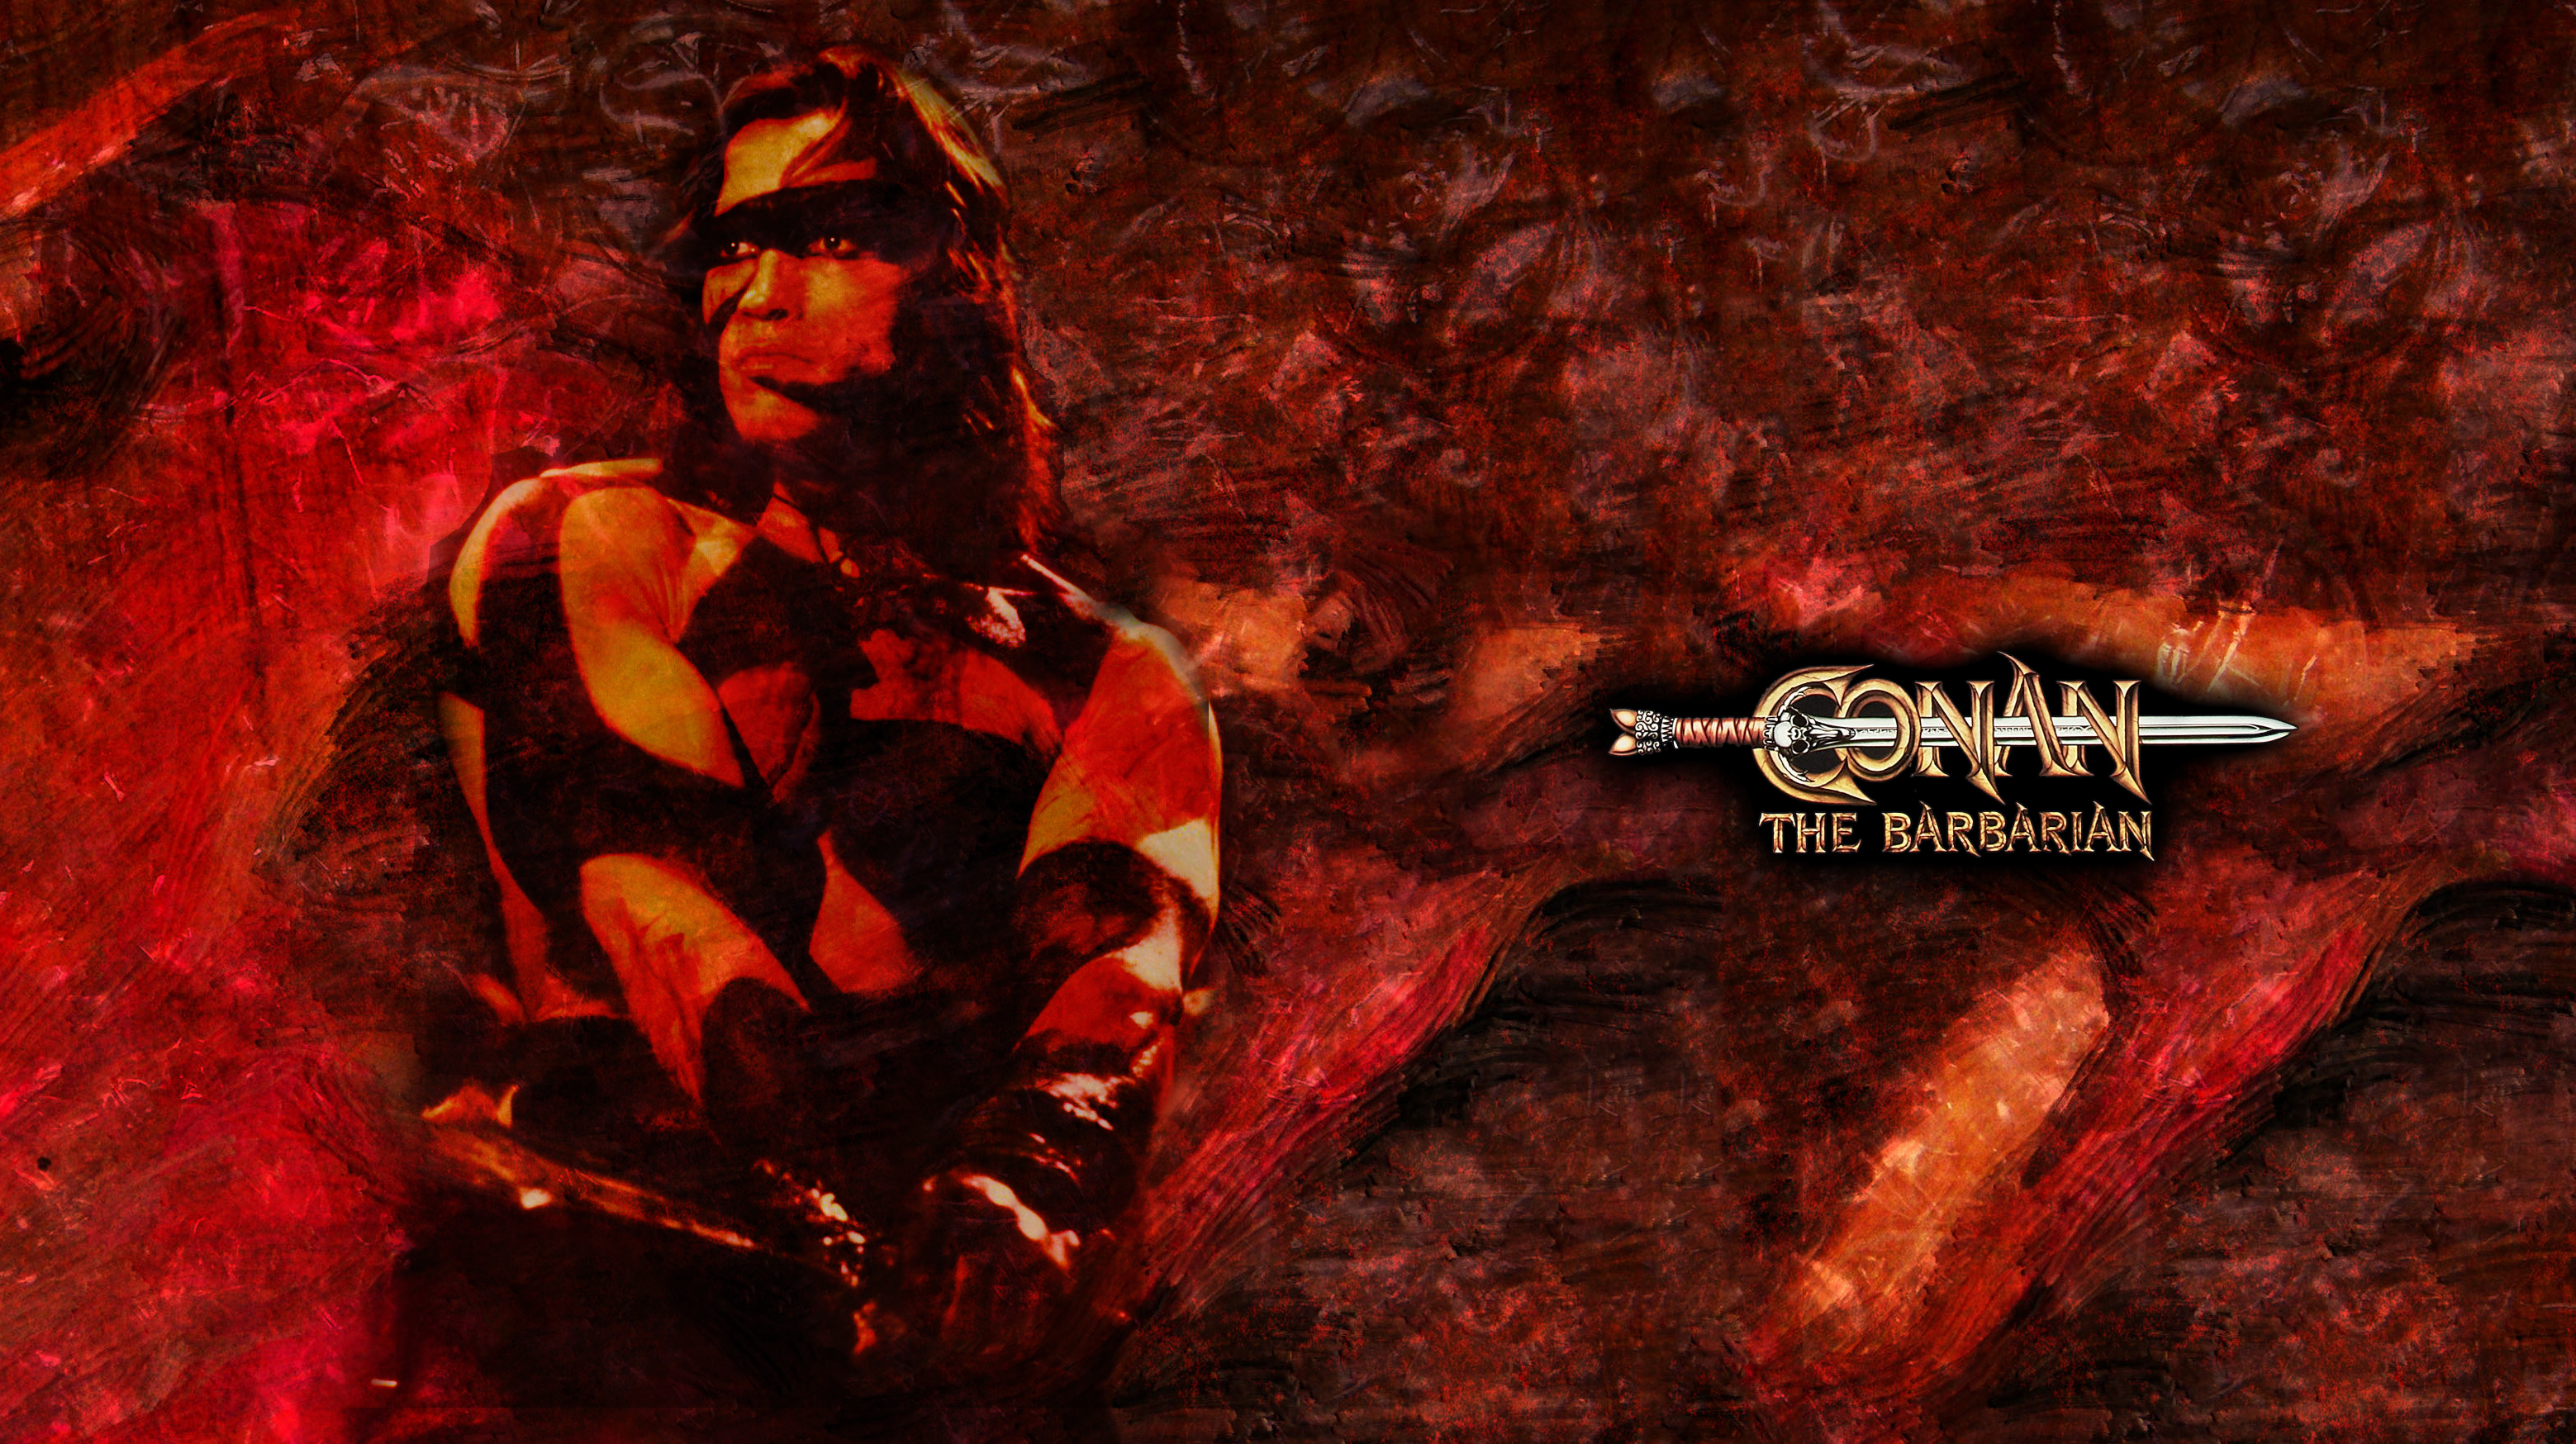 Conan the barbarian henti hardcore video